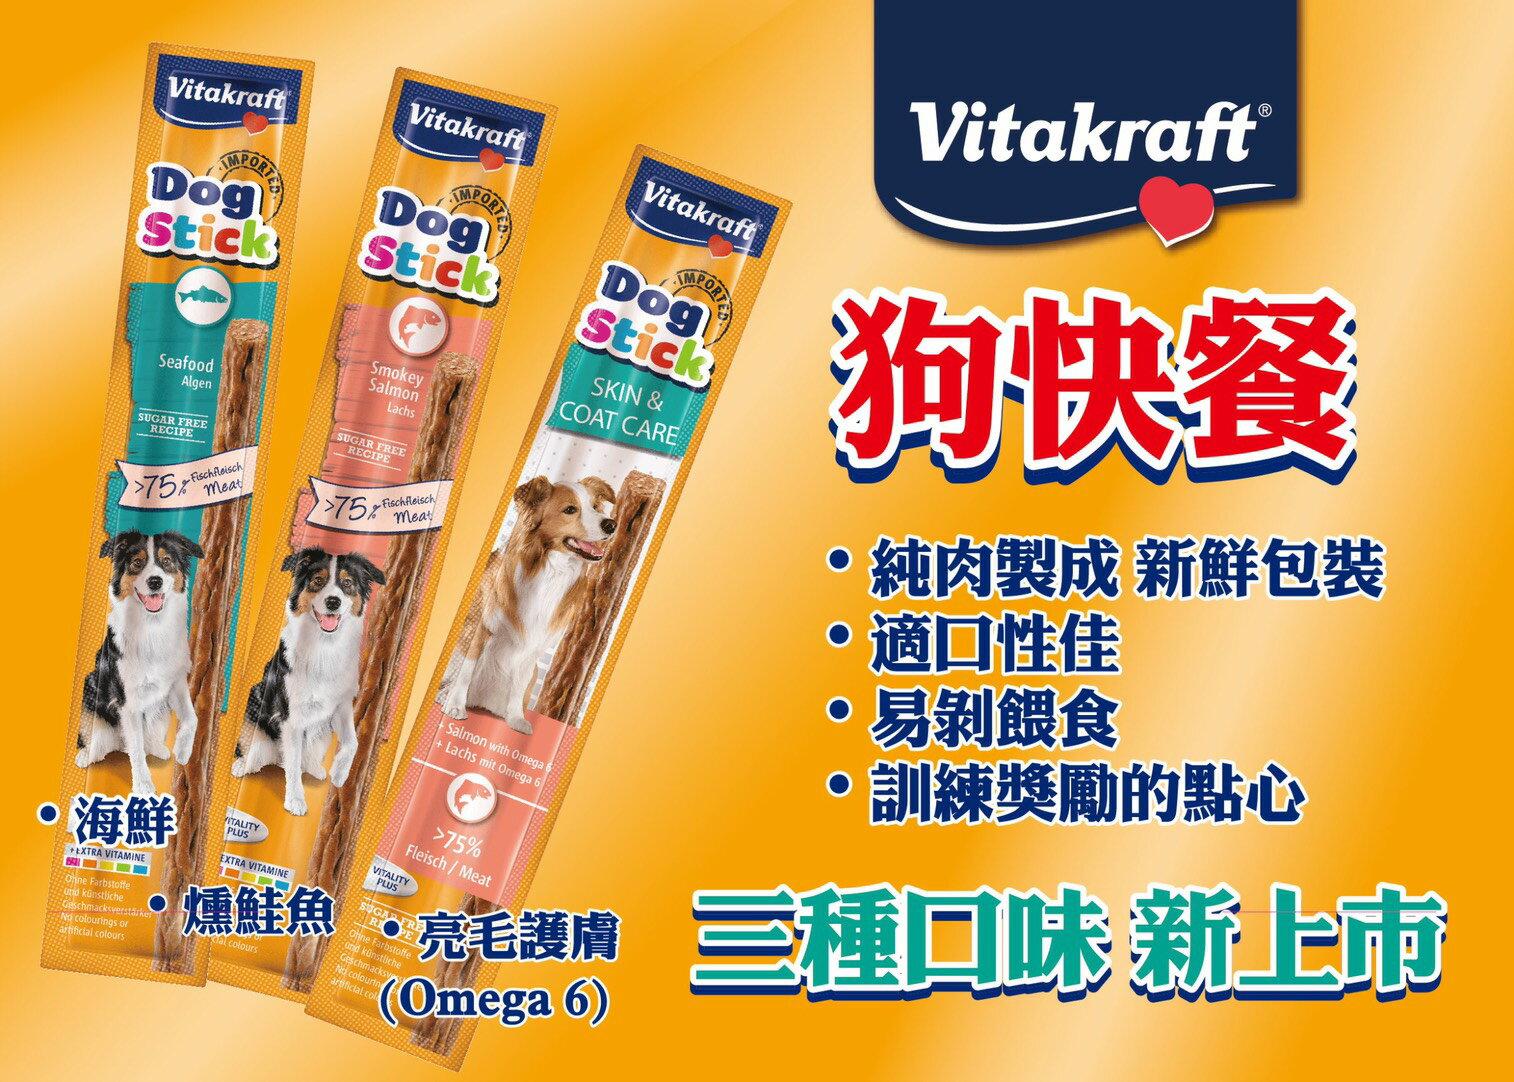 德國VITA Vitakraft 狗快餐肉條7條特價199元